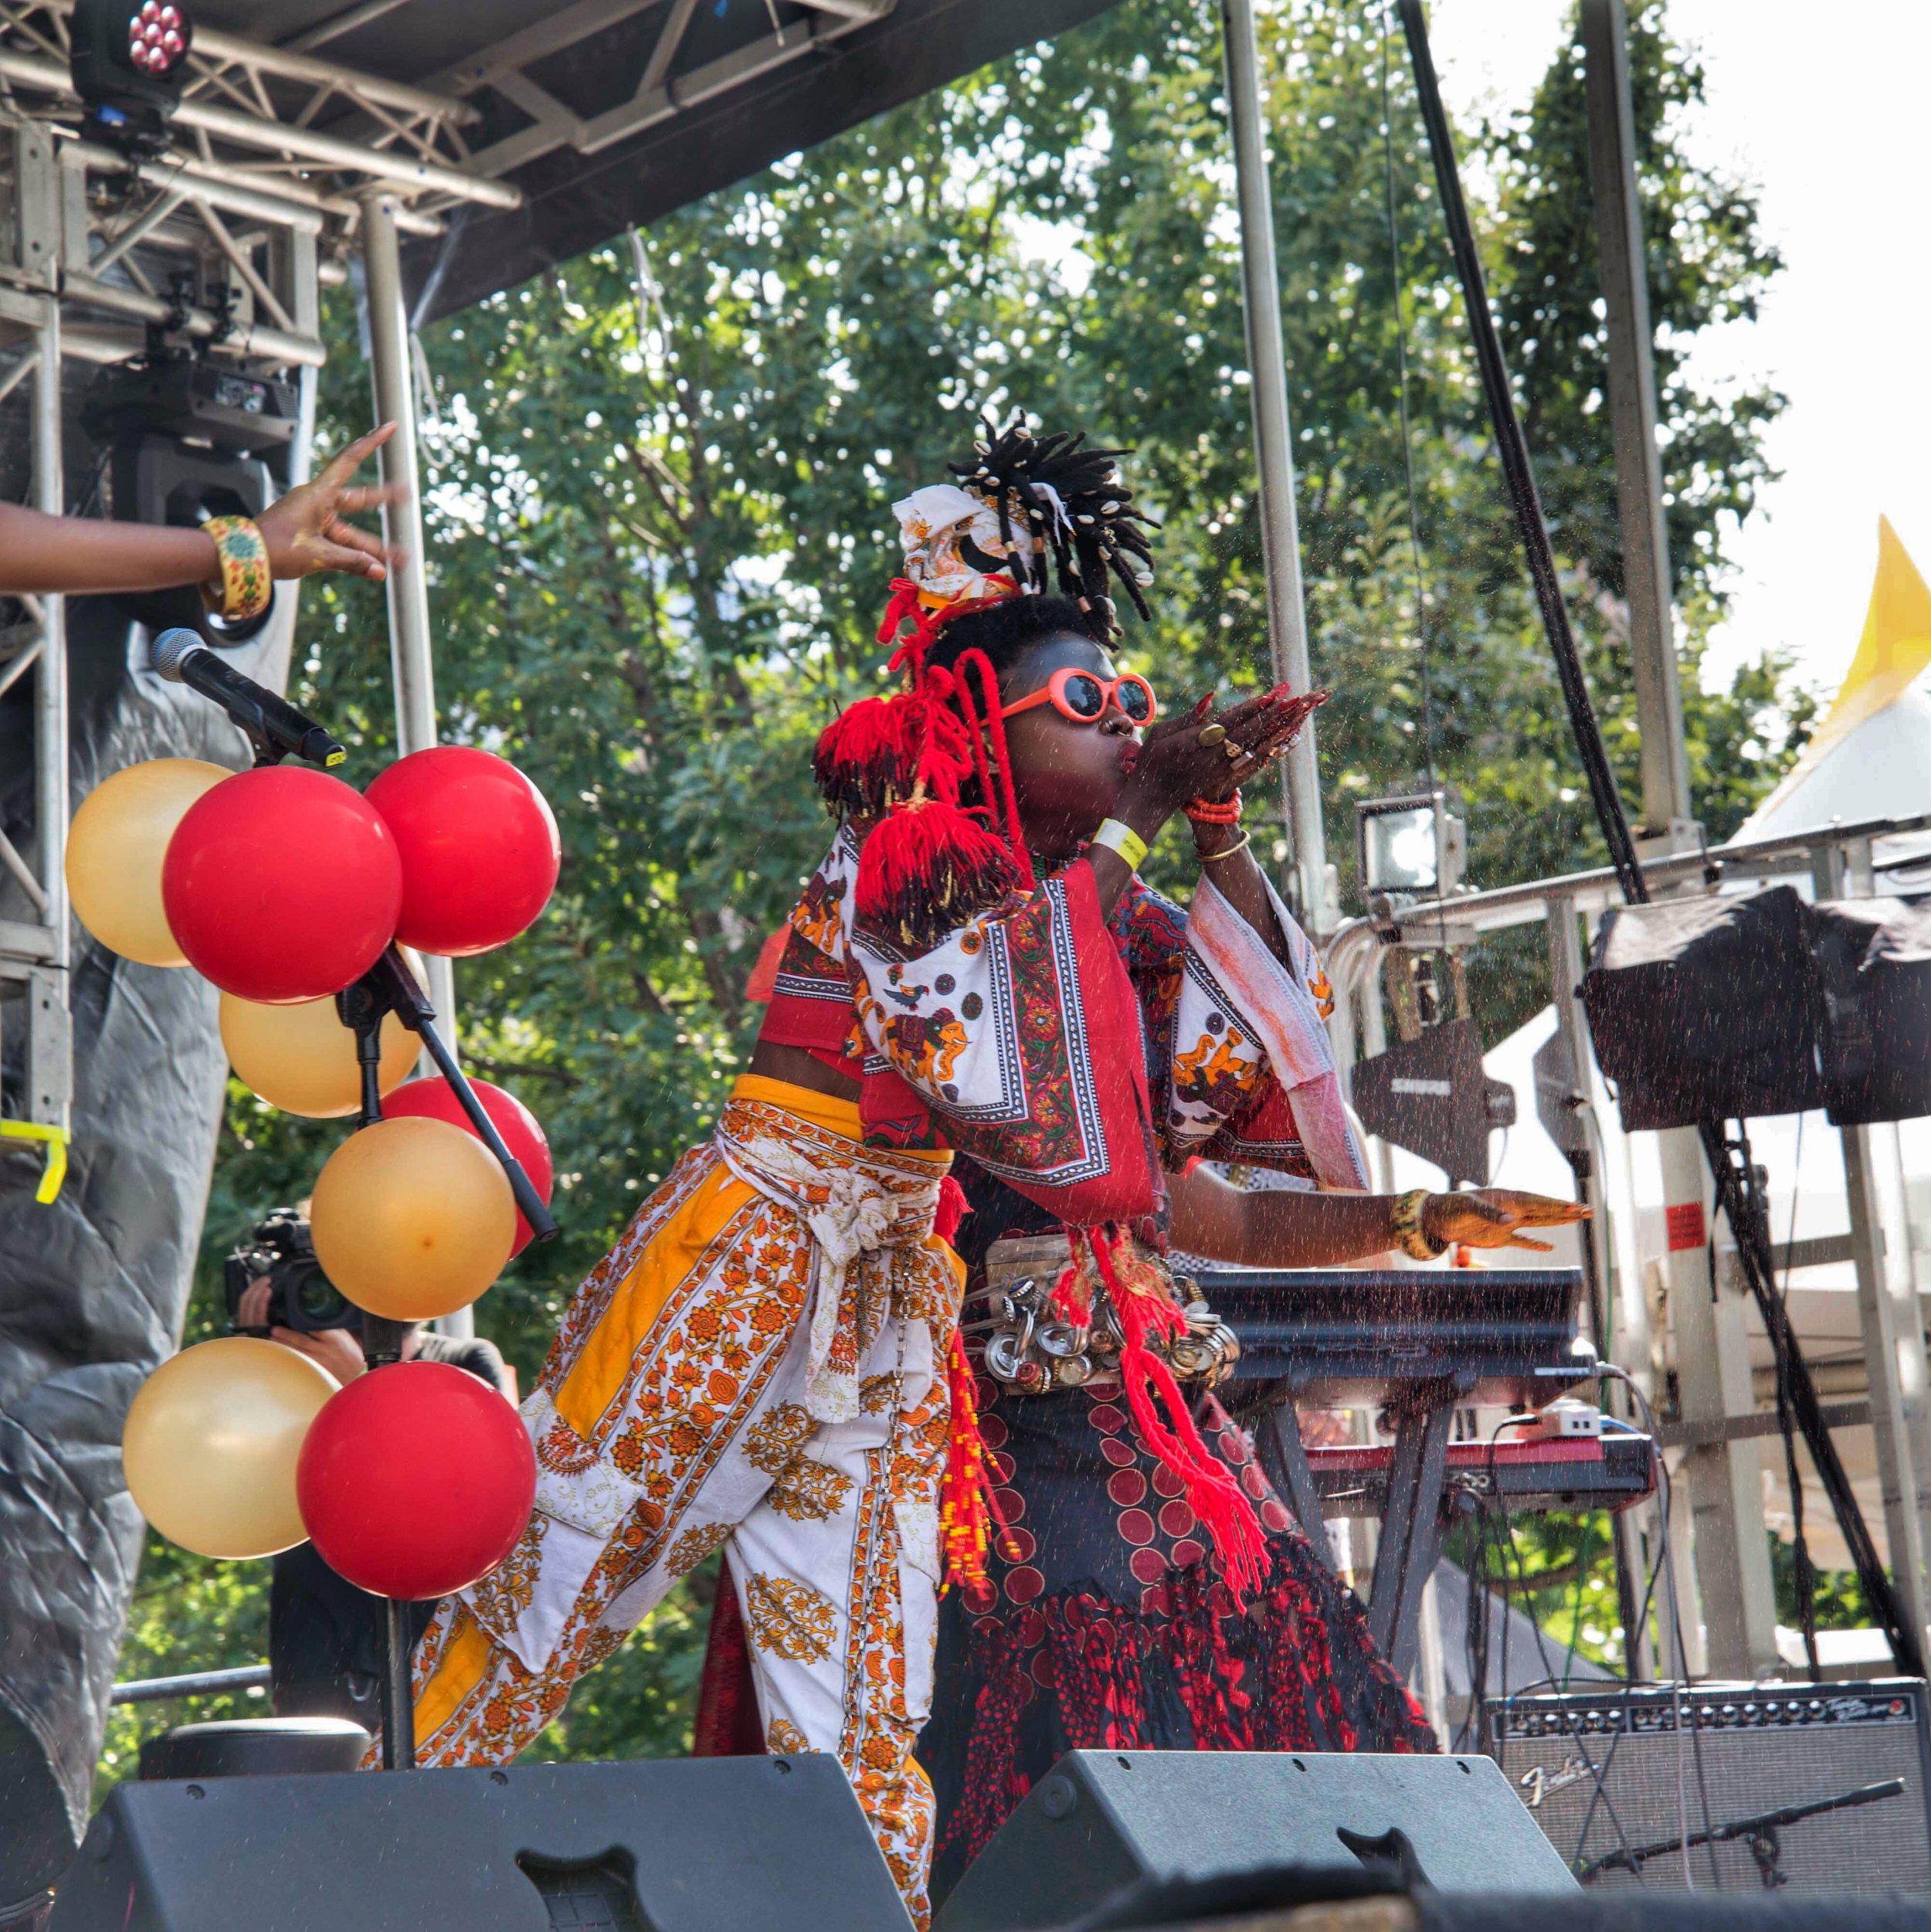 2017-08-26 Afropunk-4.jpg